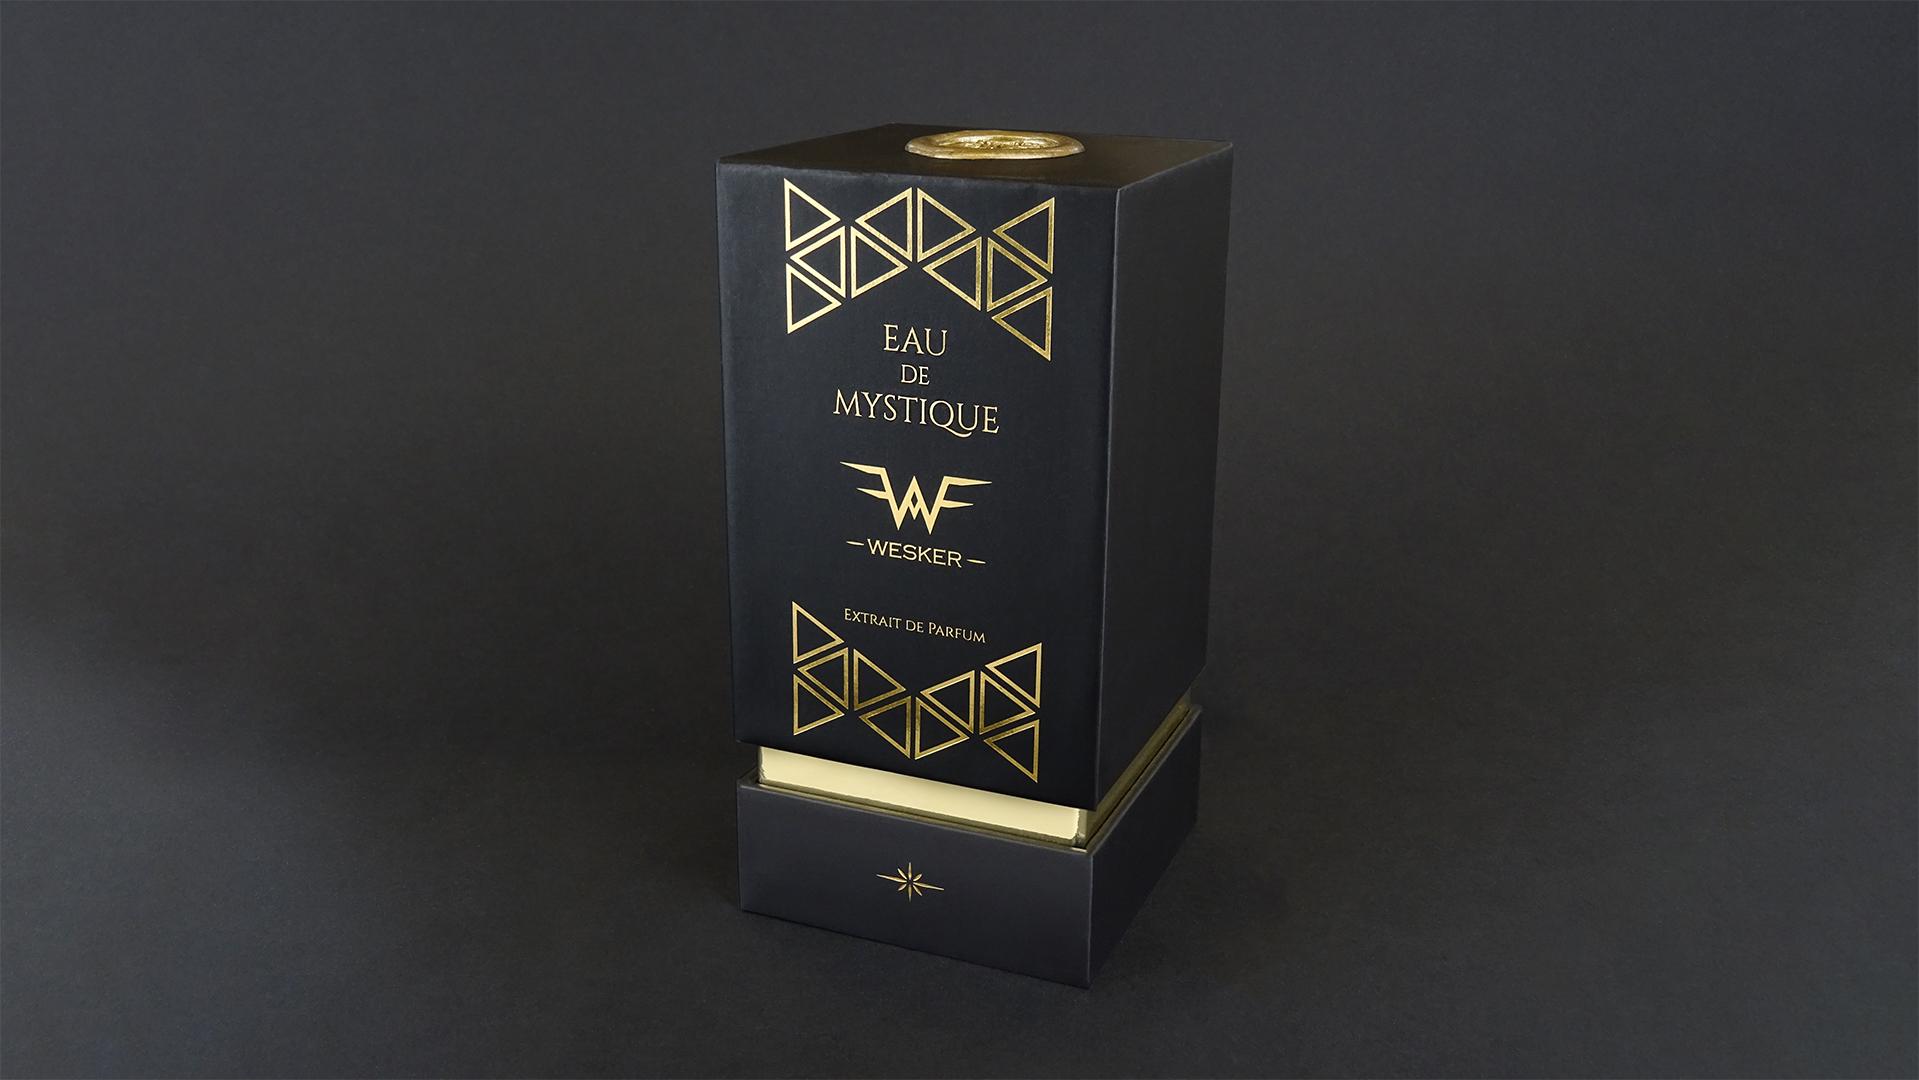 Wesker_Eau_De_Mystique_Packaging_16x9